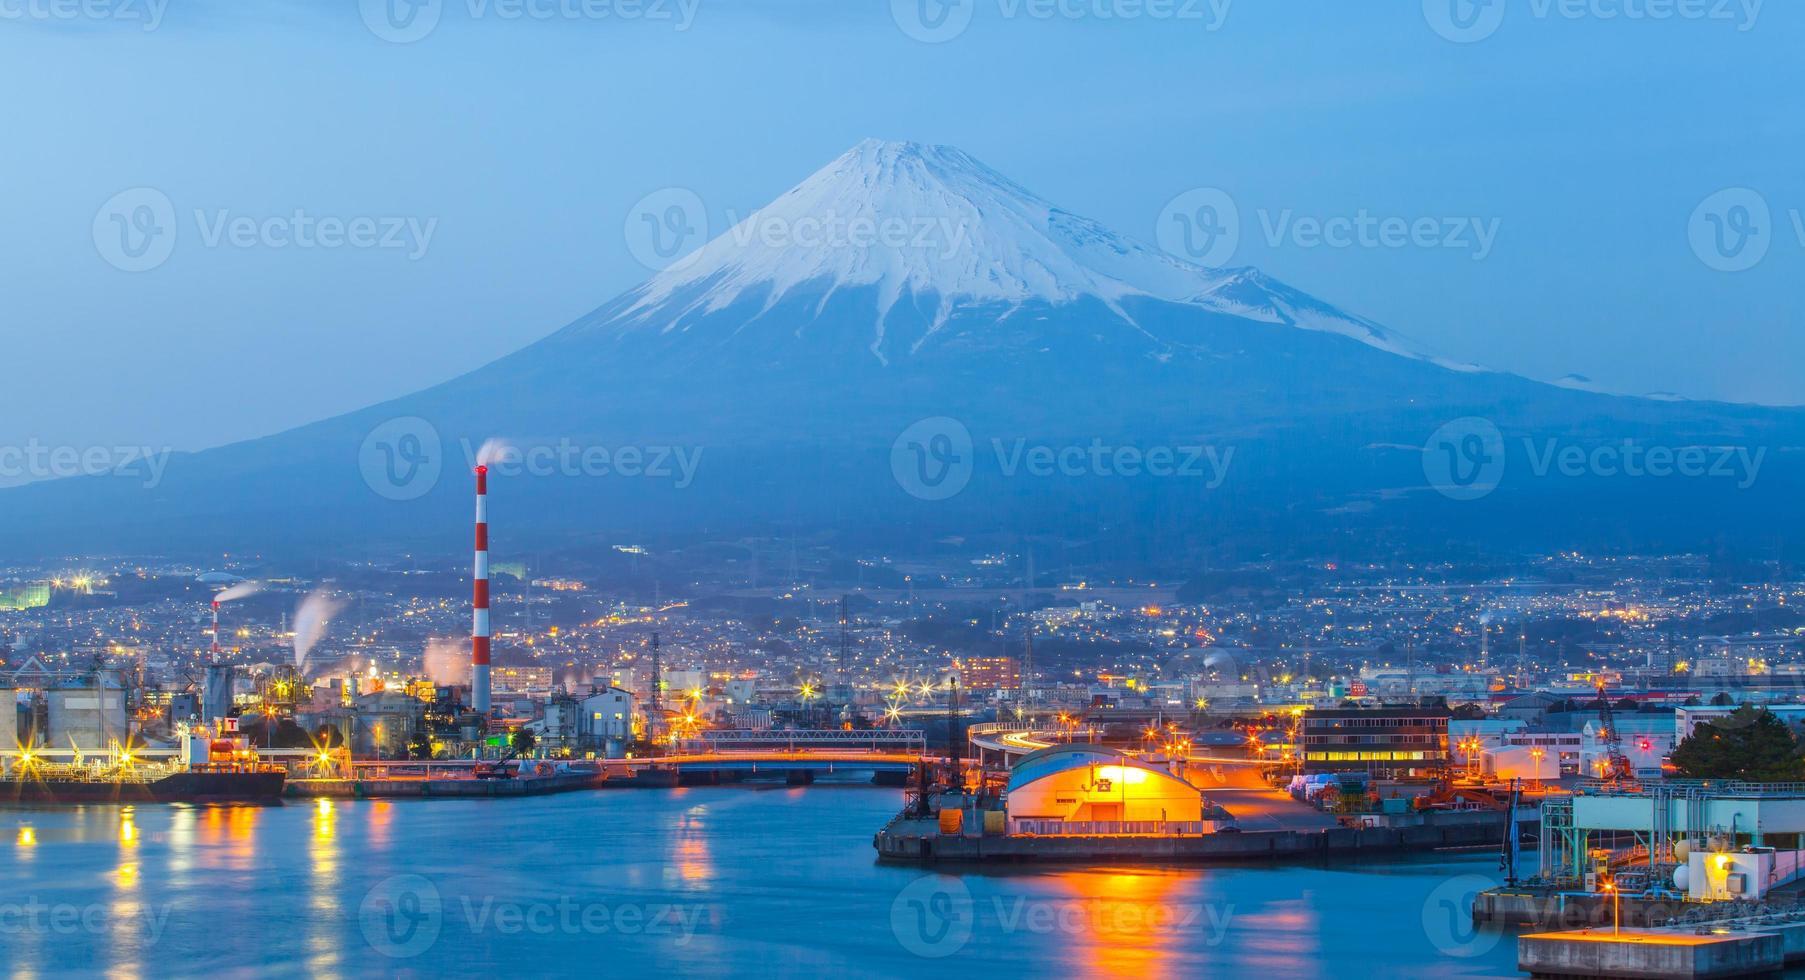 zona industriale del Giappone e montagna Fuji alla prefettura di shizuoka foto